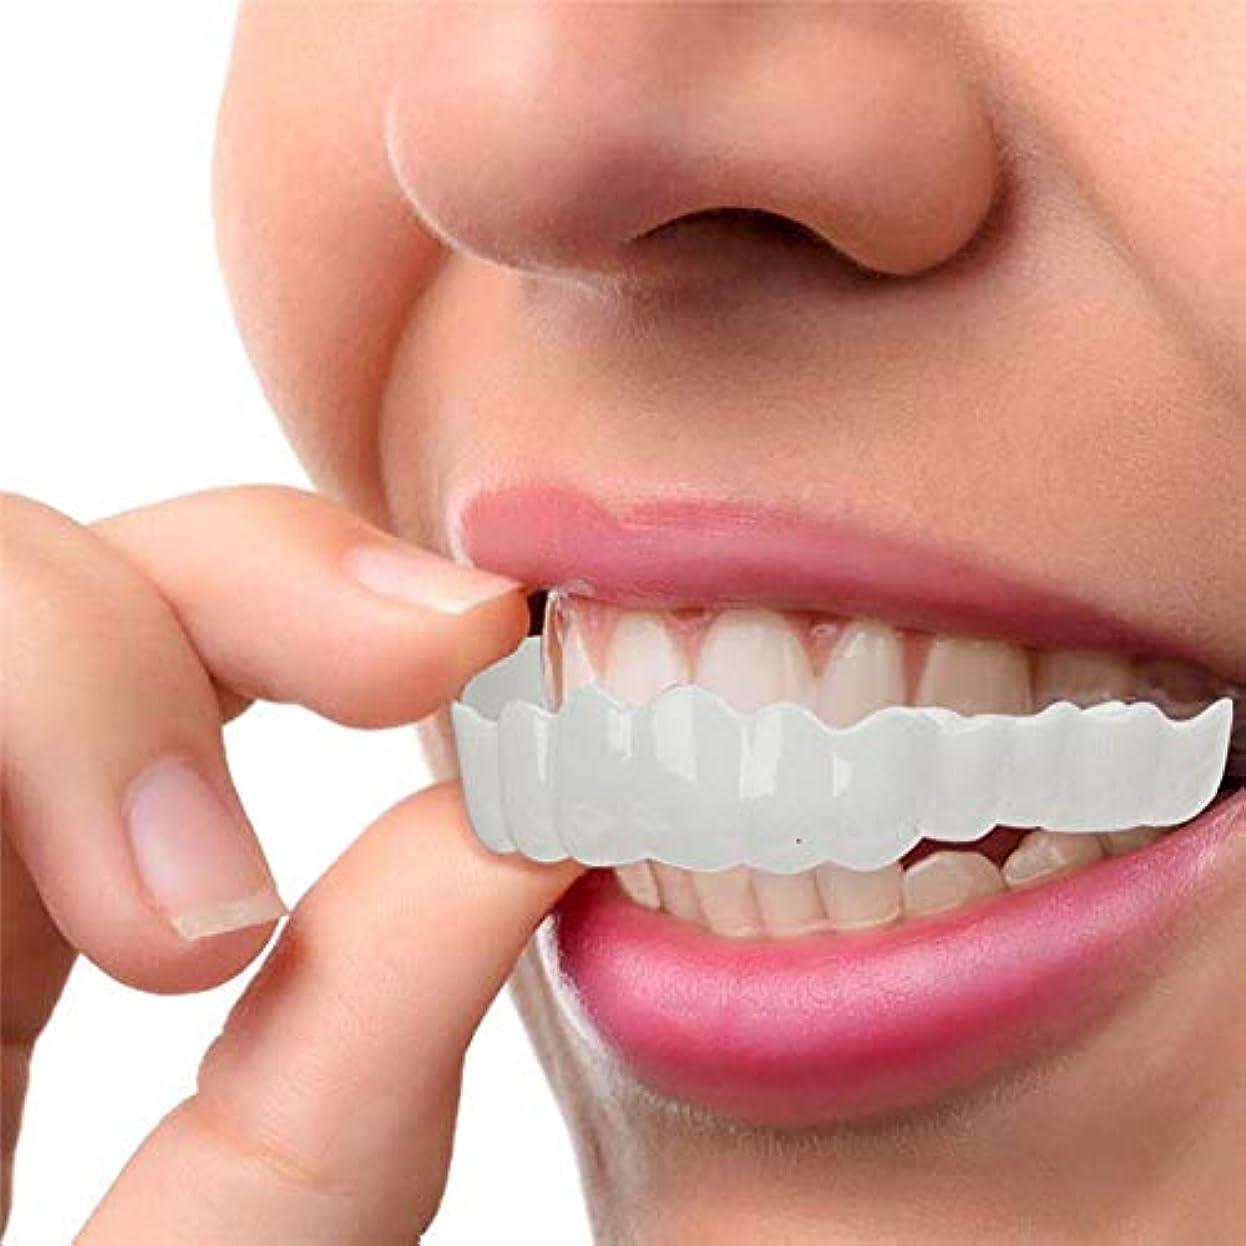 ファシズム松の木童謡化粧品の歯、白い歯をきれいにするための快適なフィットフレックス歯ソケット、超快適、快適なフィット感、5セット